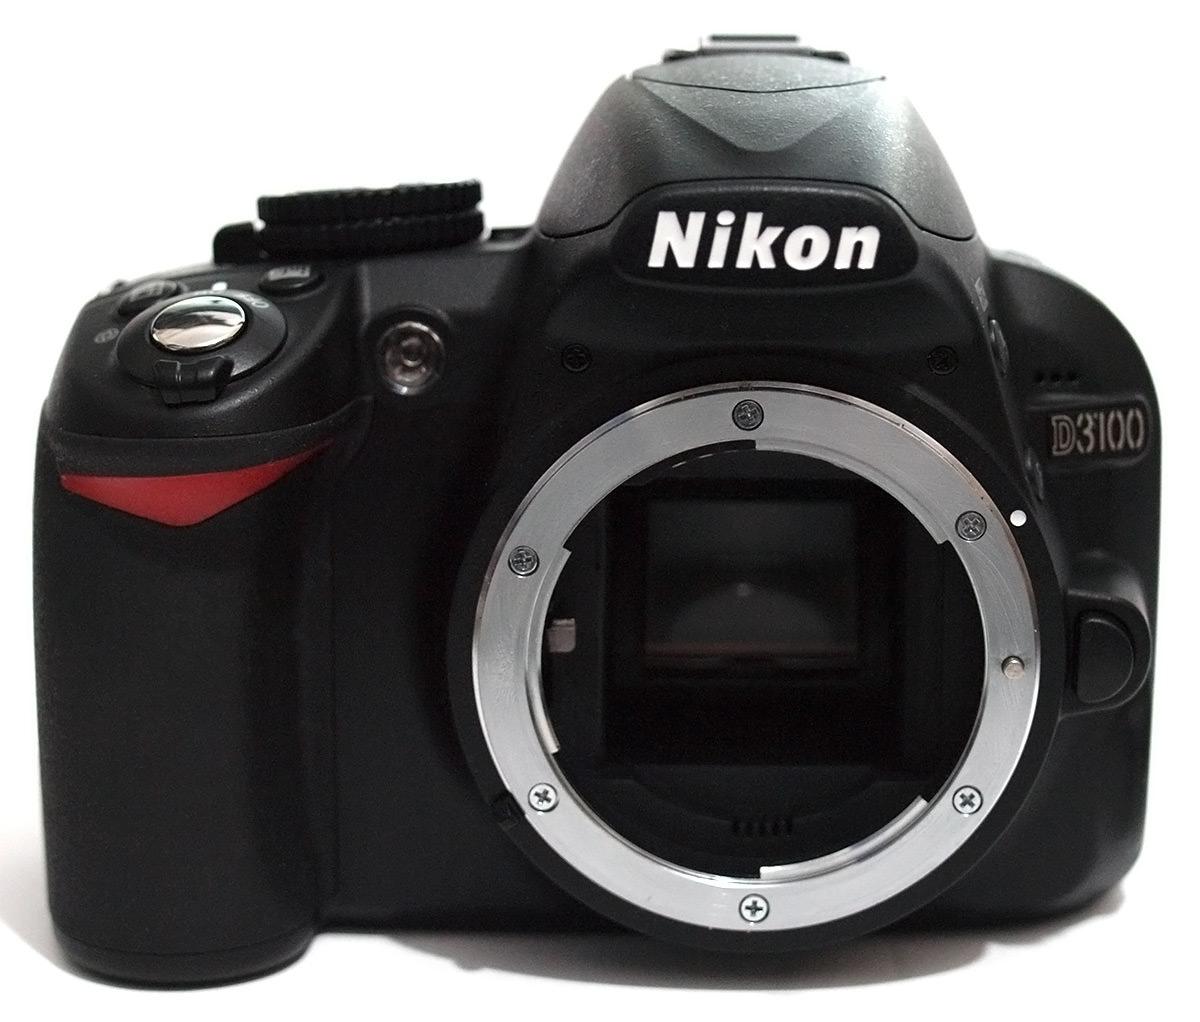 Nikon D3100 front no lens  sc 1 st  ePHOTOzine & Nikon D3100 Digital SLR Review